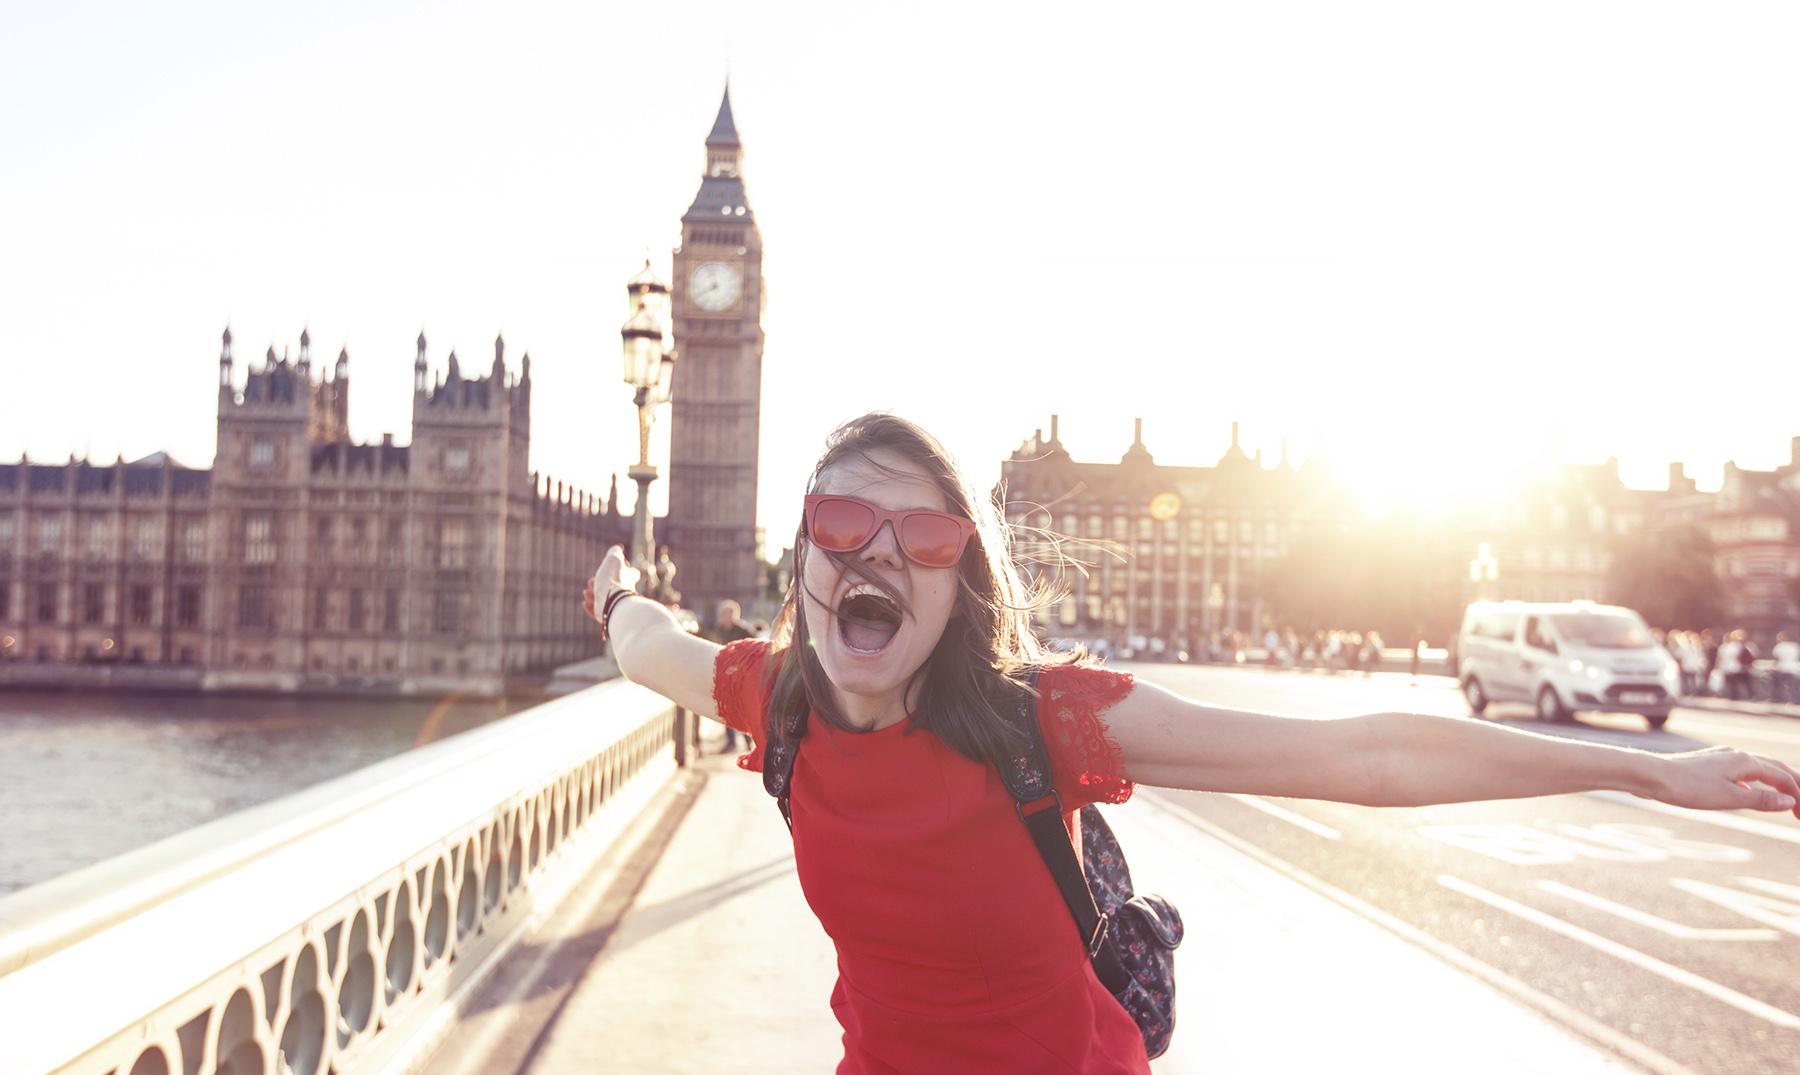 Estudiar Ingles En Inglaterra Una Decision Que Cambiara Tu Vida